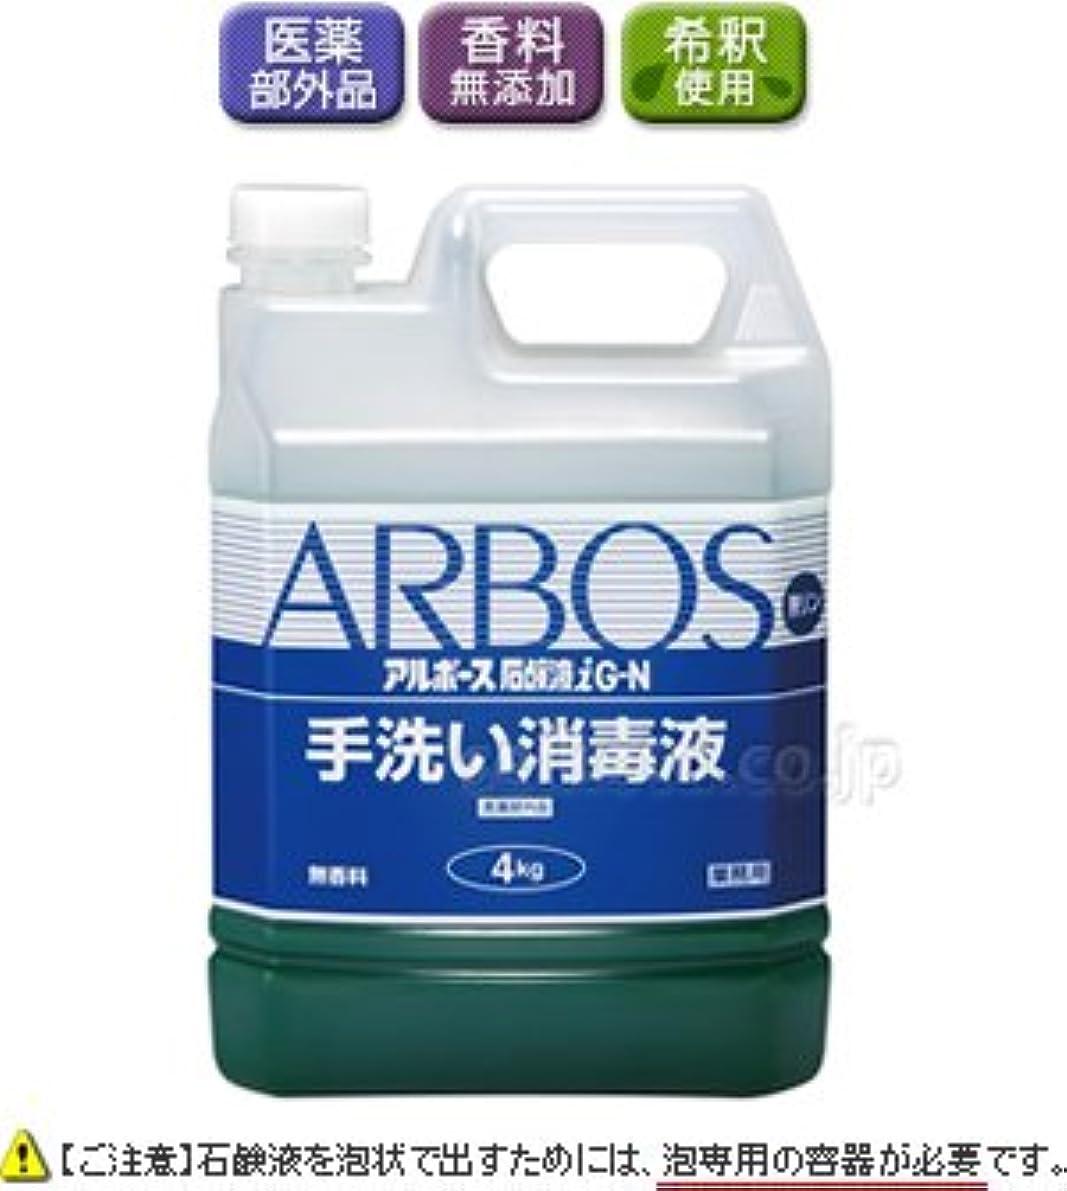 安全努力国勢調査【清潔キレイ館】アルボース石鹸液iG-N(4kg×1本)